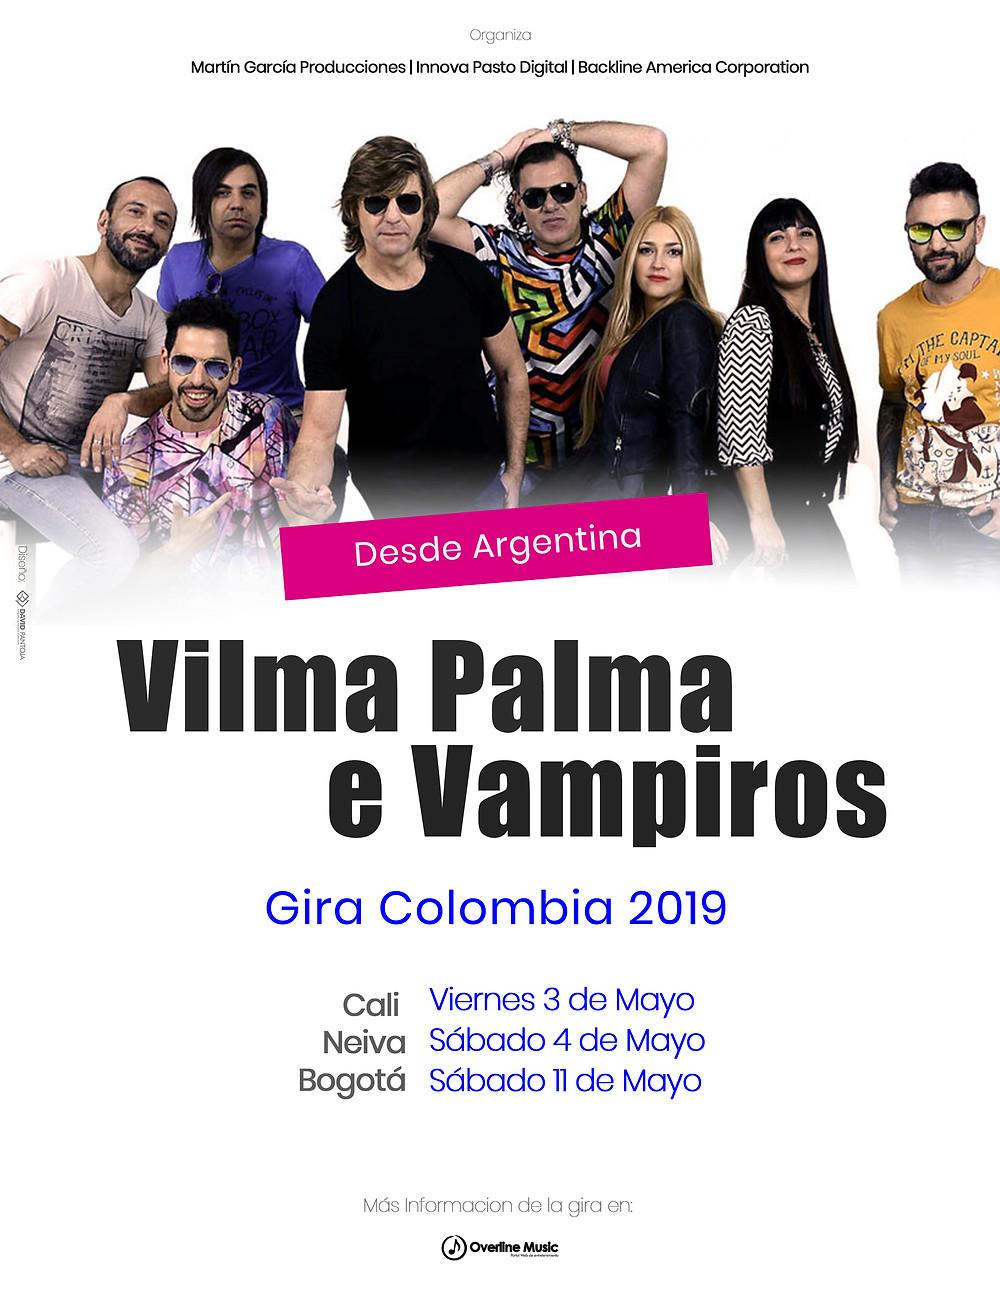 Vilma Palma en Colombia 2019